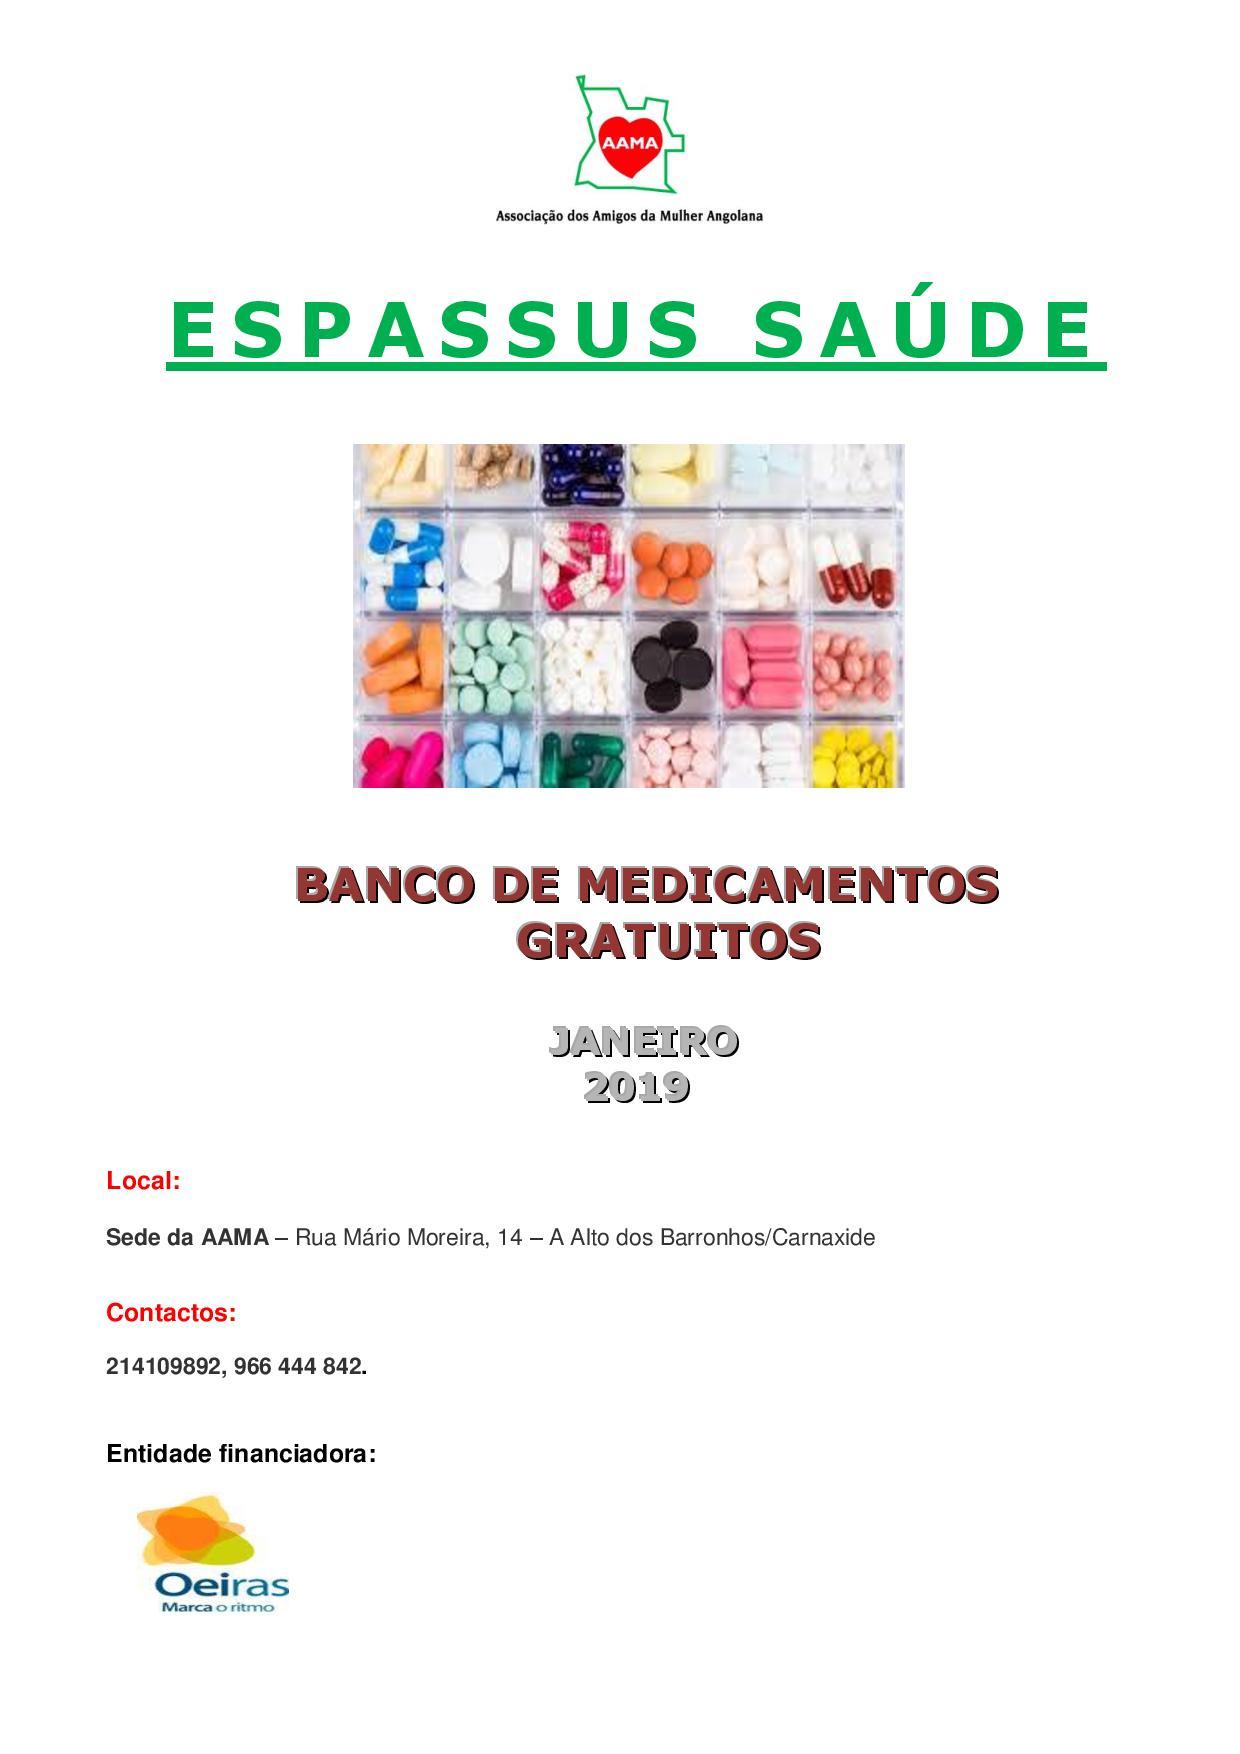 Banco de Medicamentos